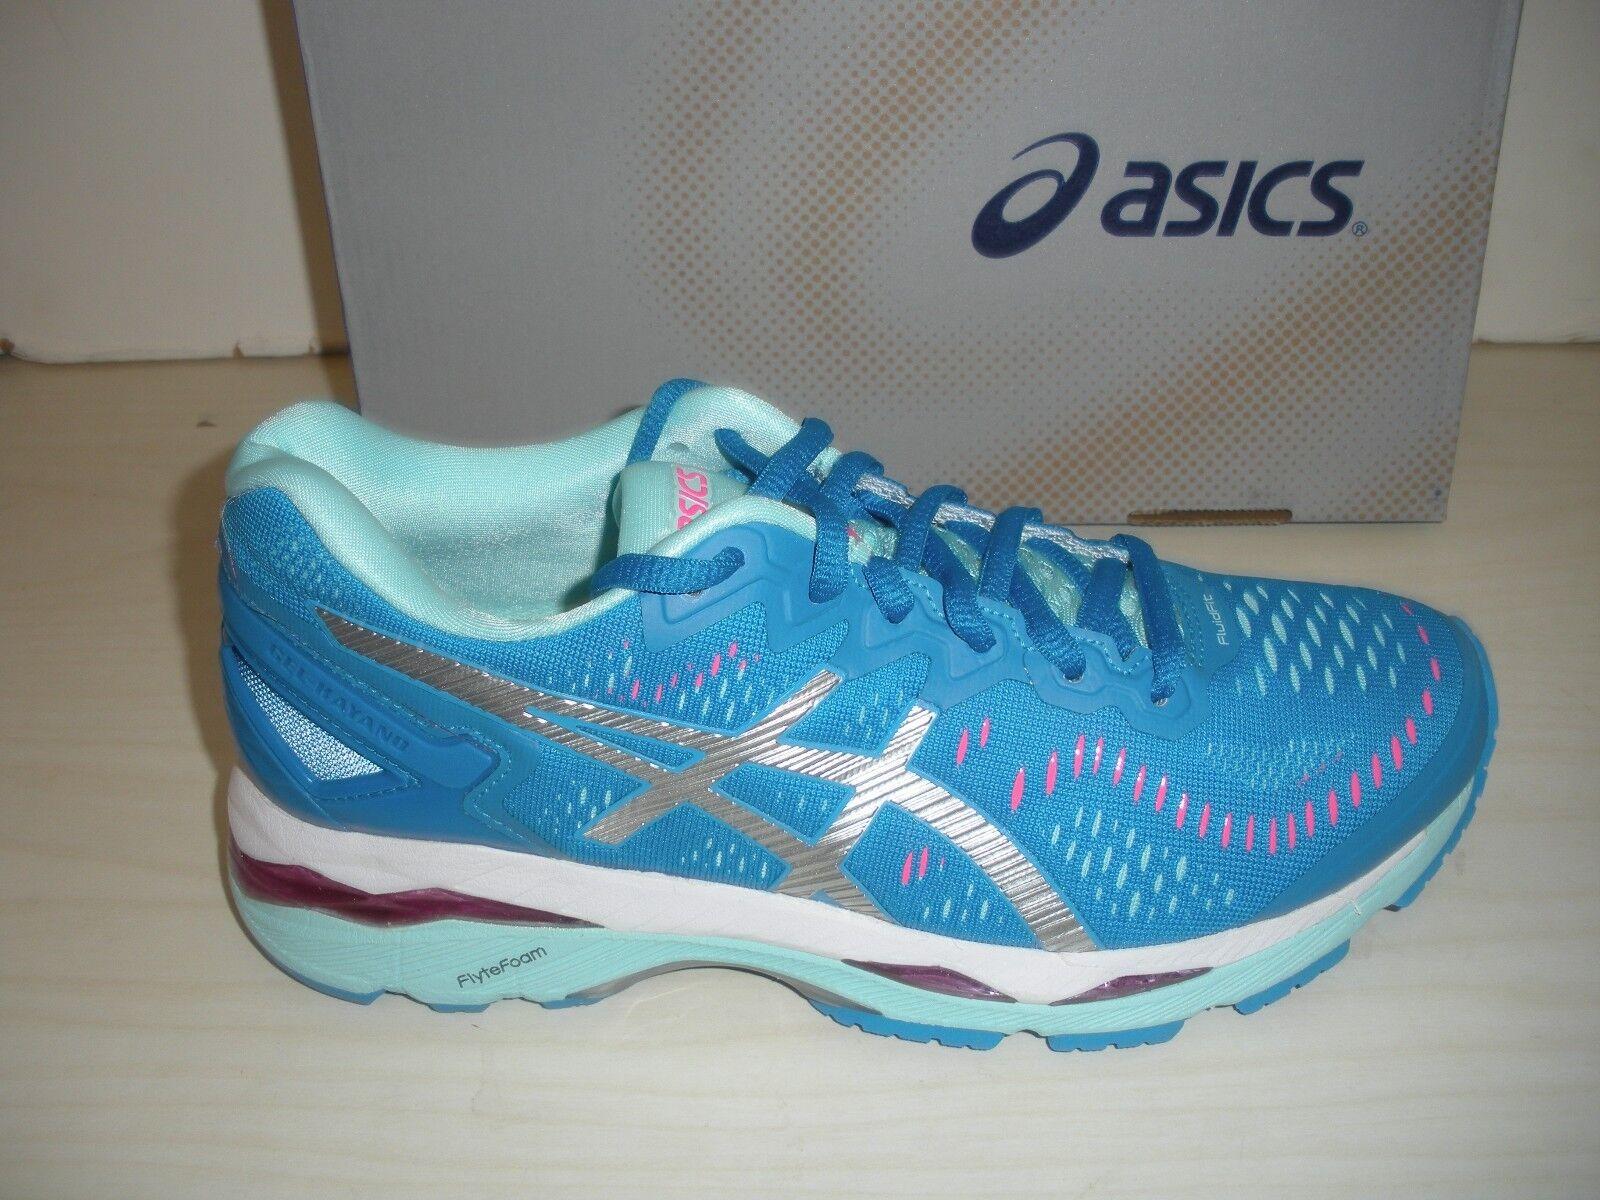 ASICS donna GEL-KAYANO 23 RUNNING scarpe da ginnastica-scarpe-T696N -4393- DIVA blu- SZ 7